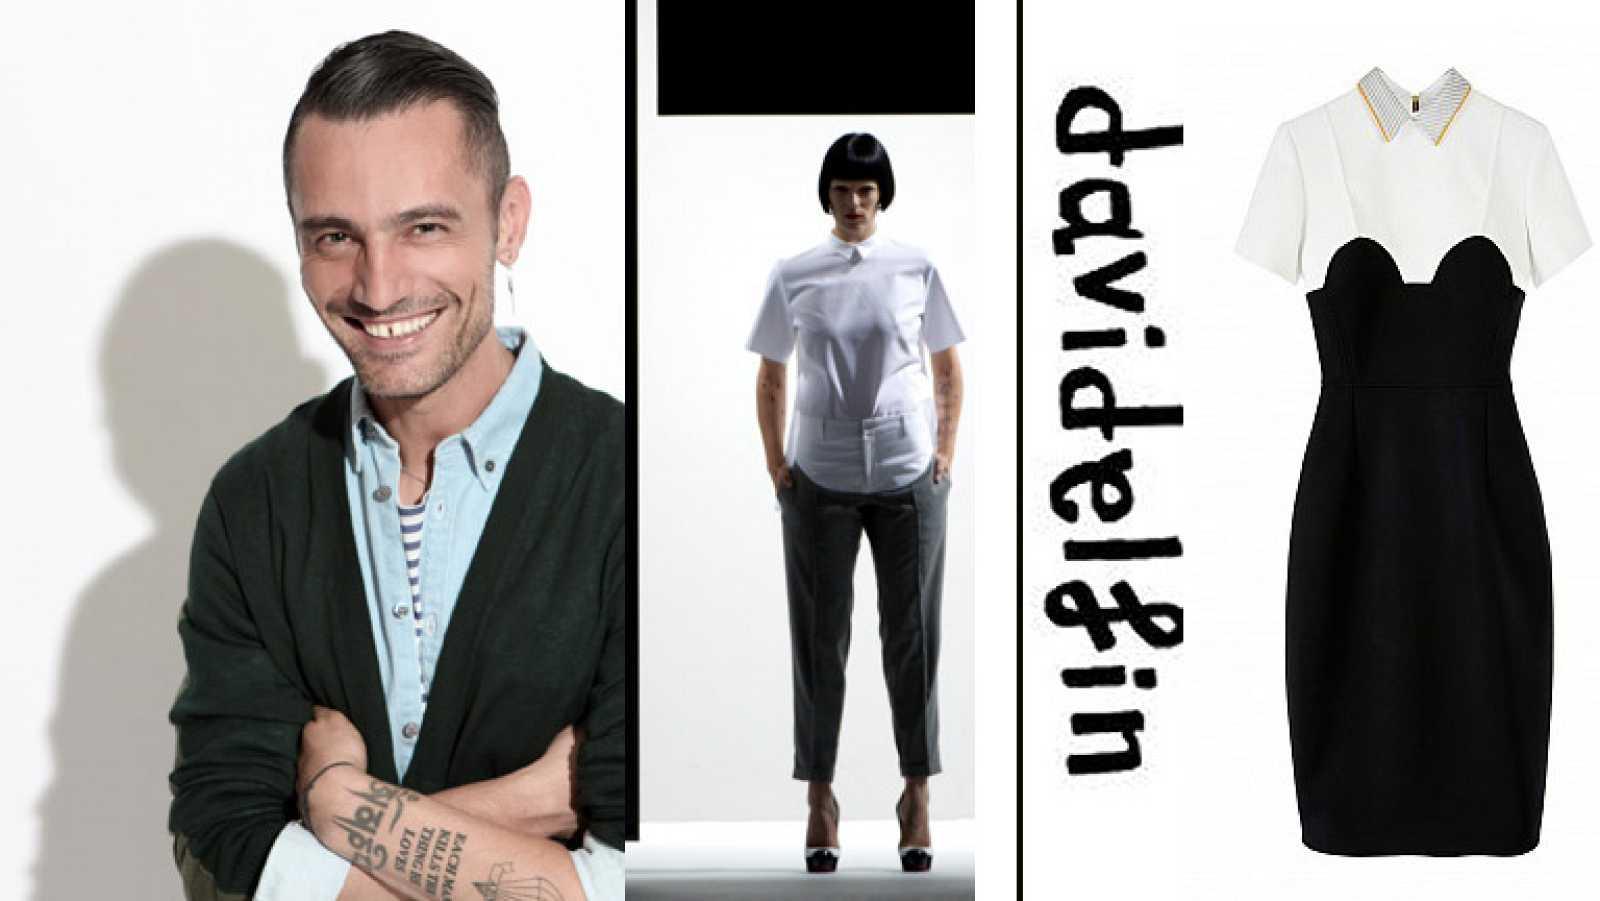 El diseñador David Delfín es el invitado en La Vida al Bies. reproducir  video 74b2c542416